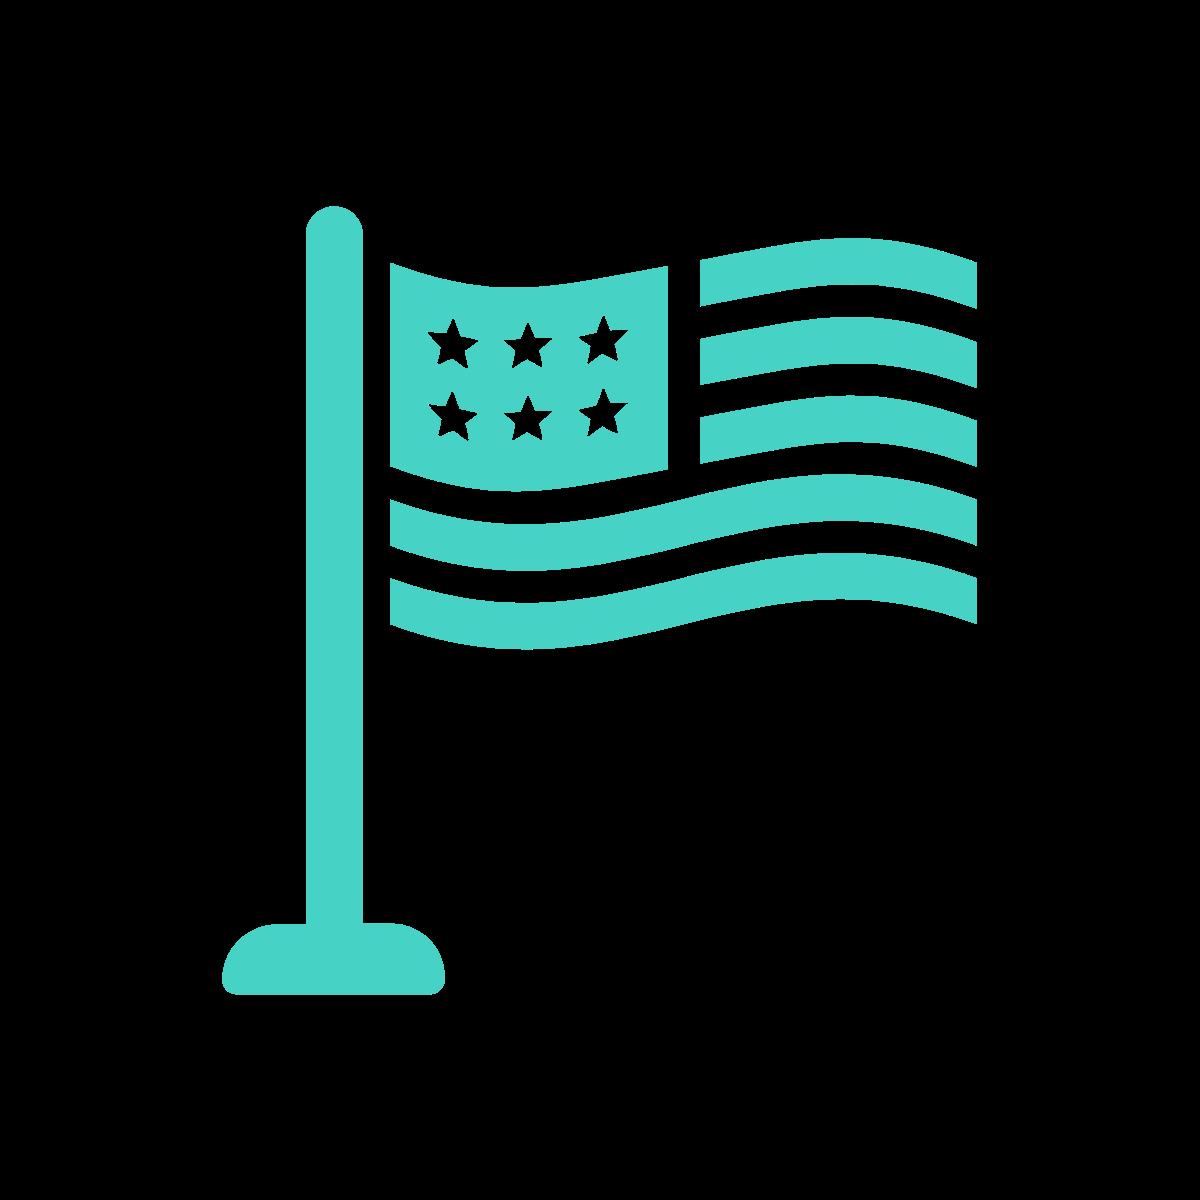 US data retention schedule flag